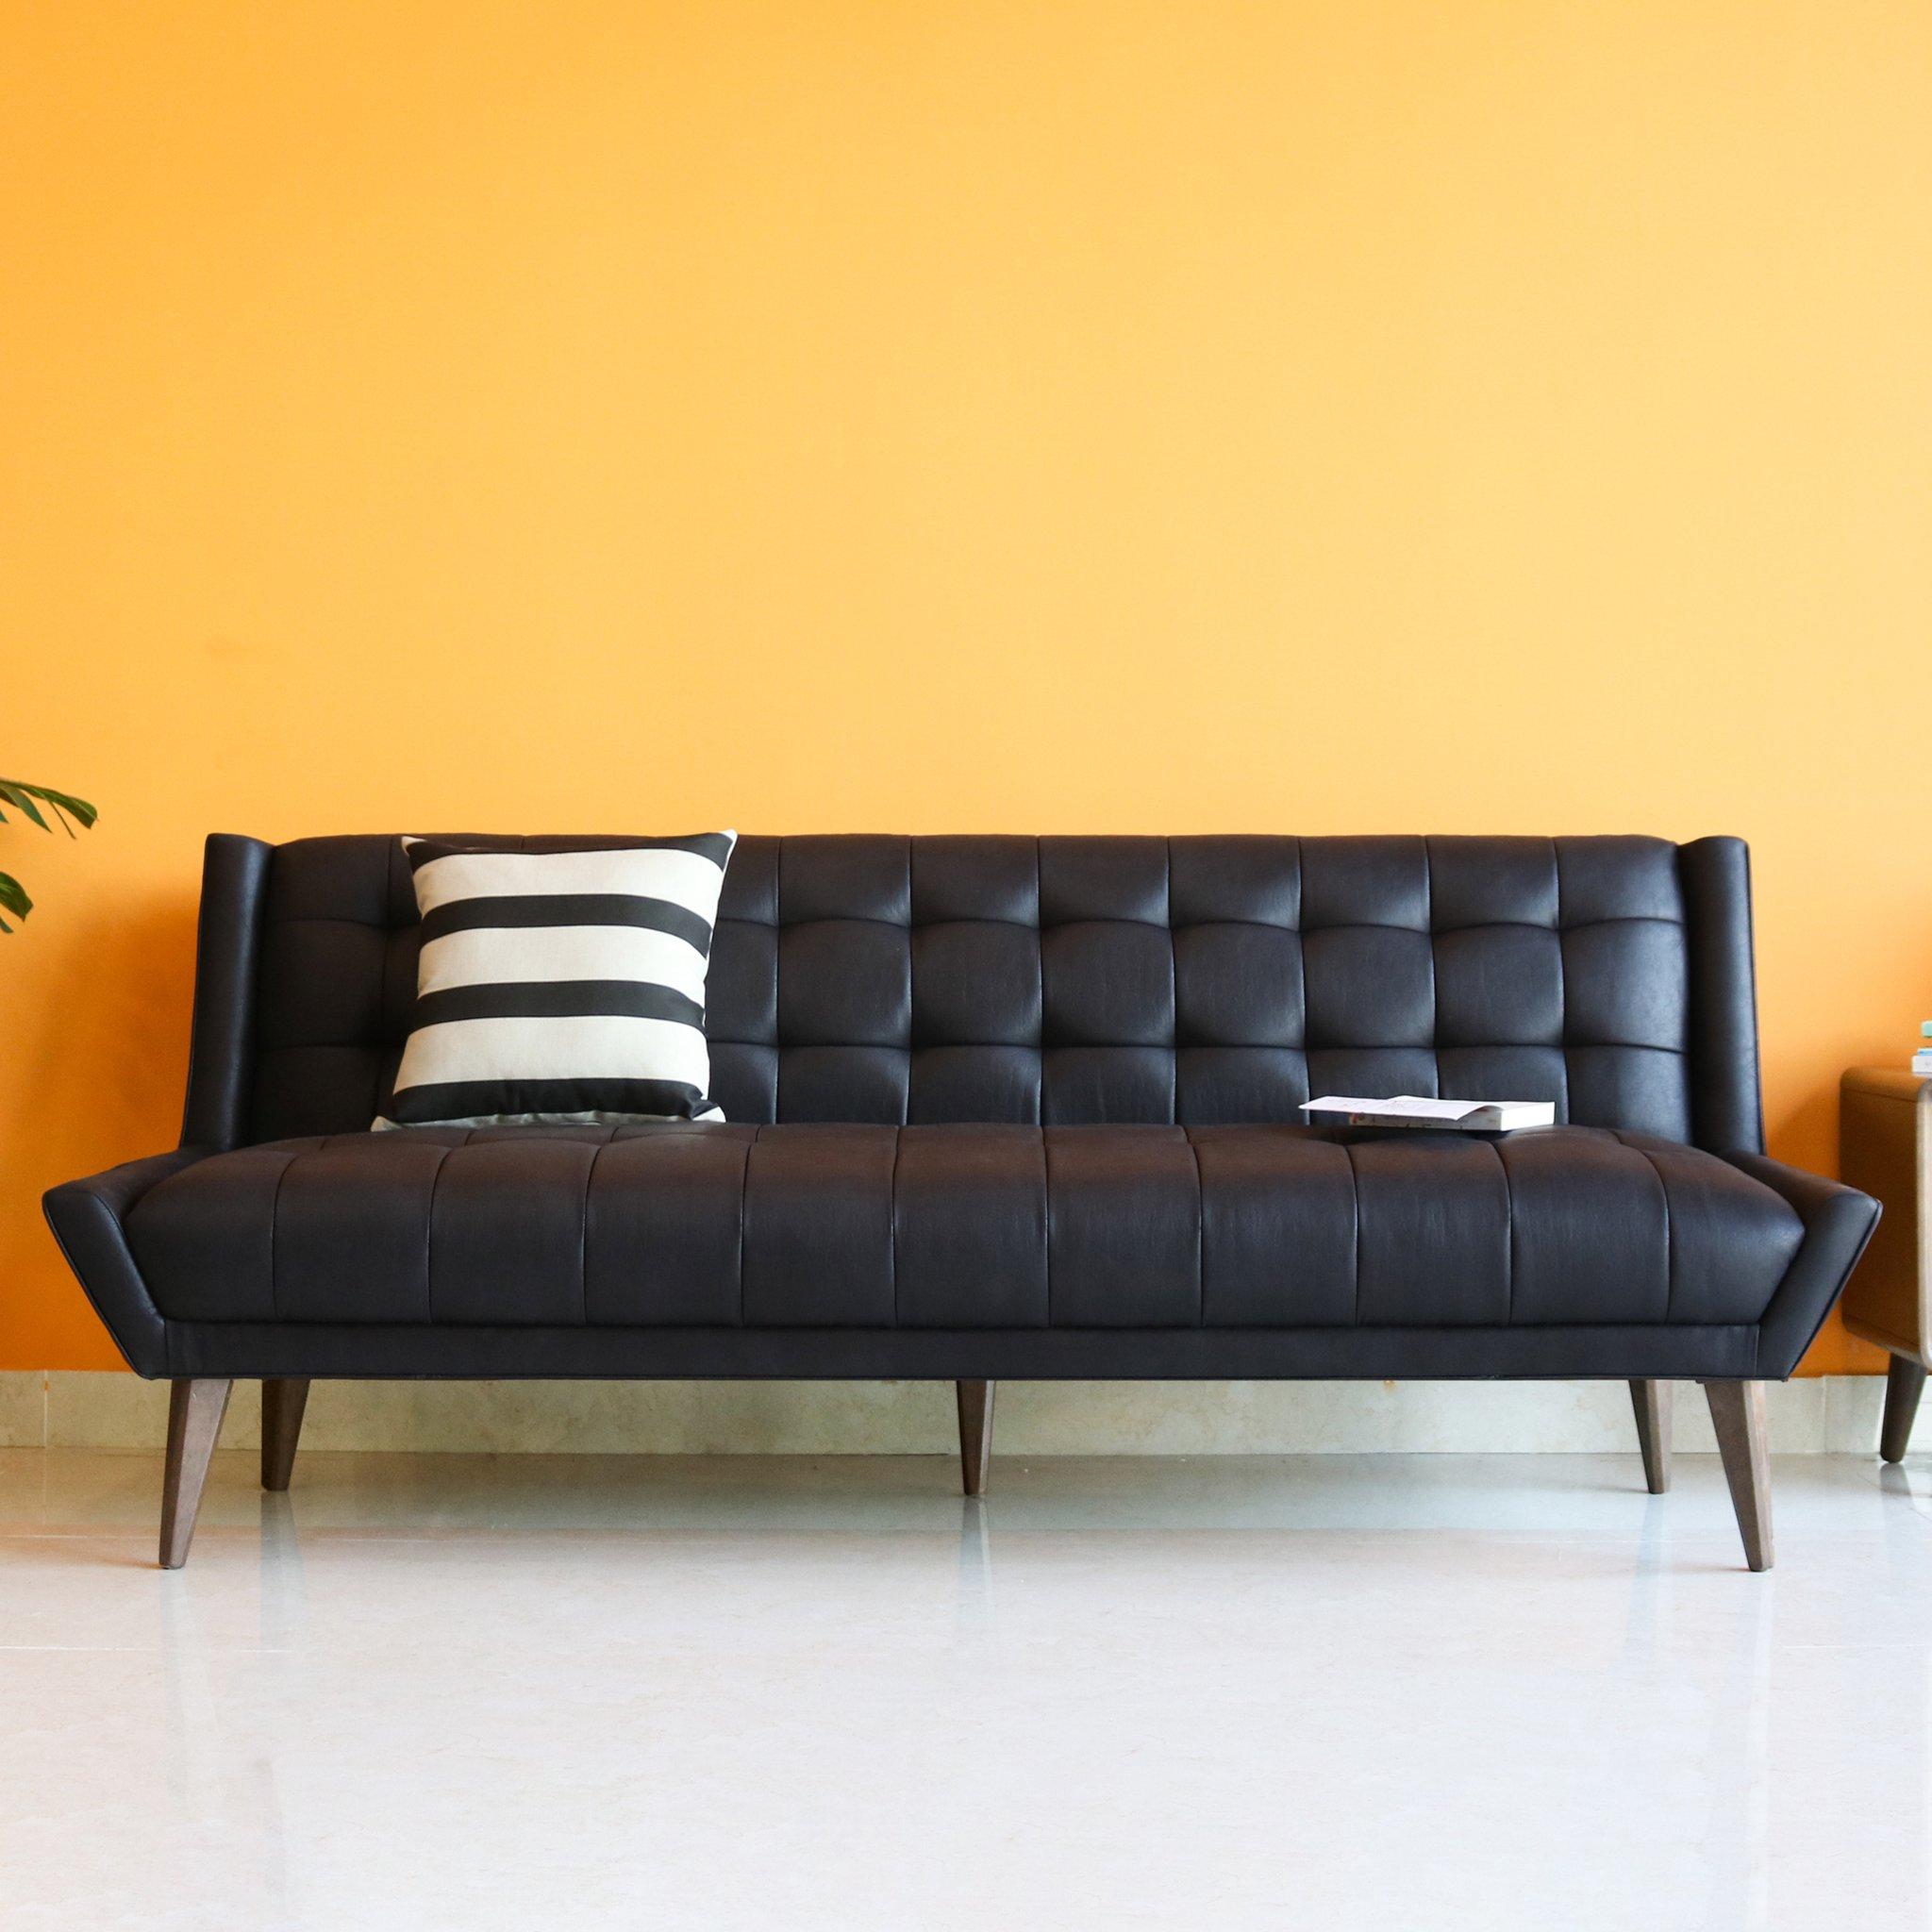 Sofa bed da 5